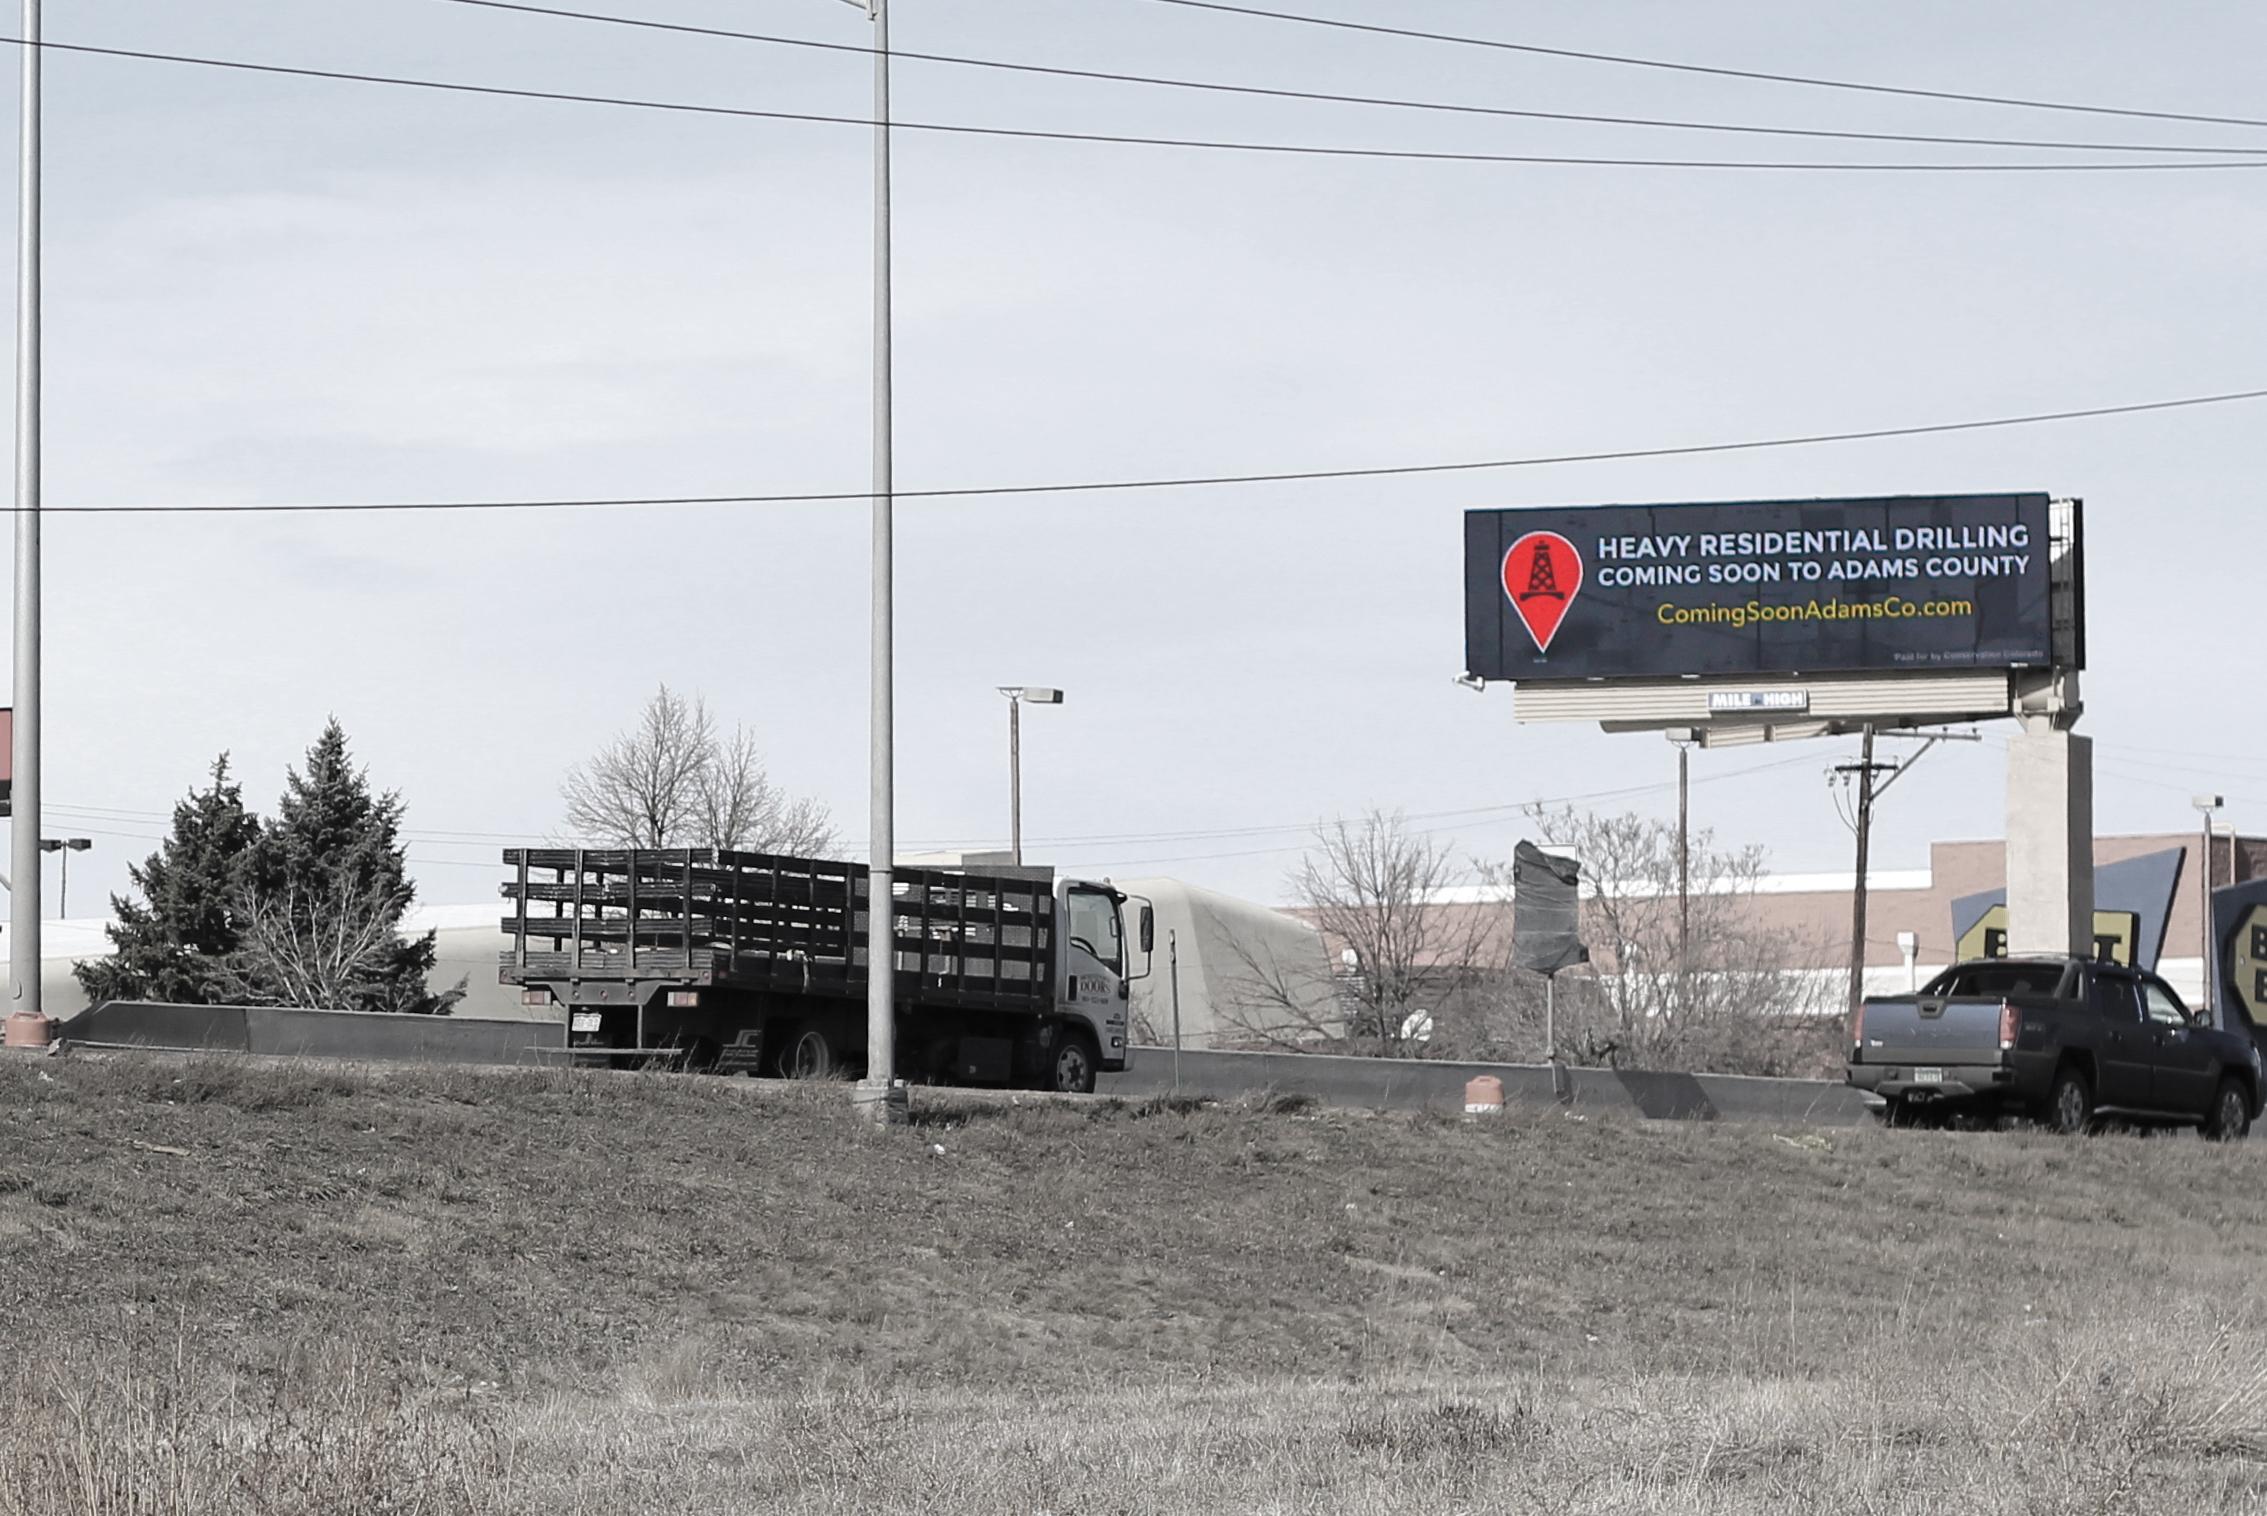 Coming Soon digital billboard along I25